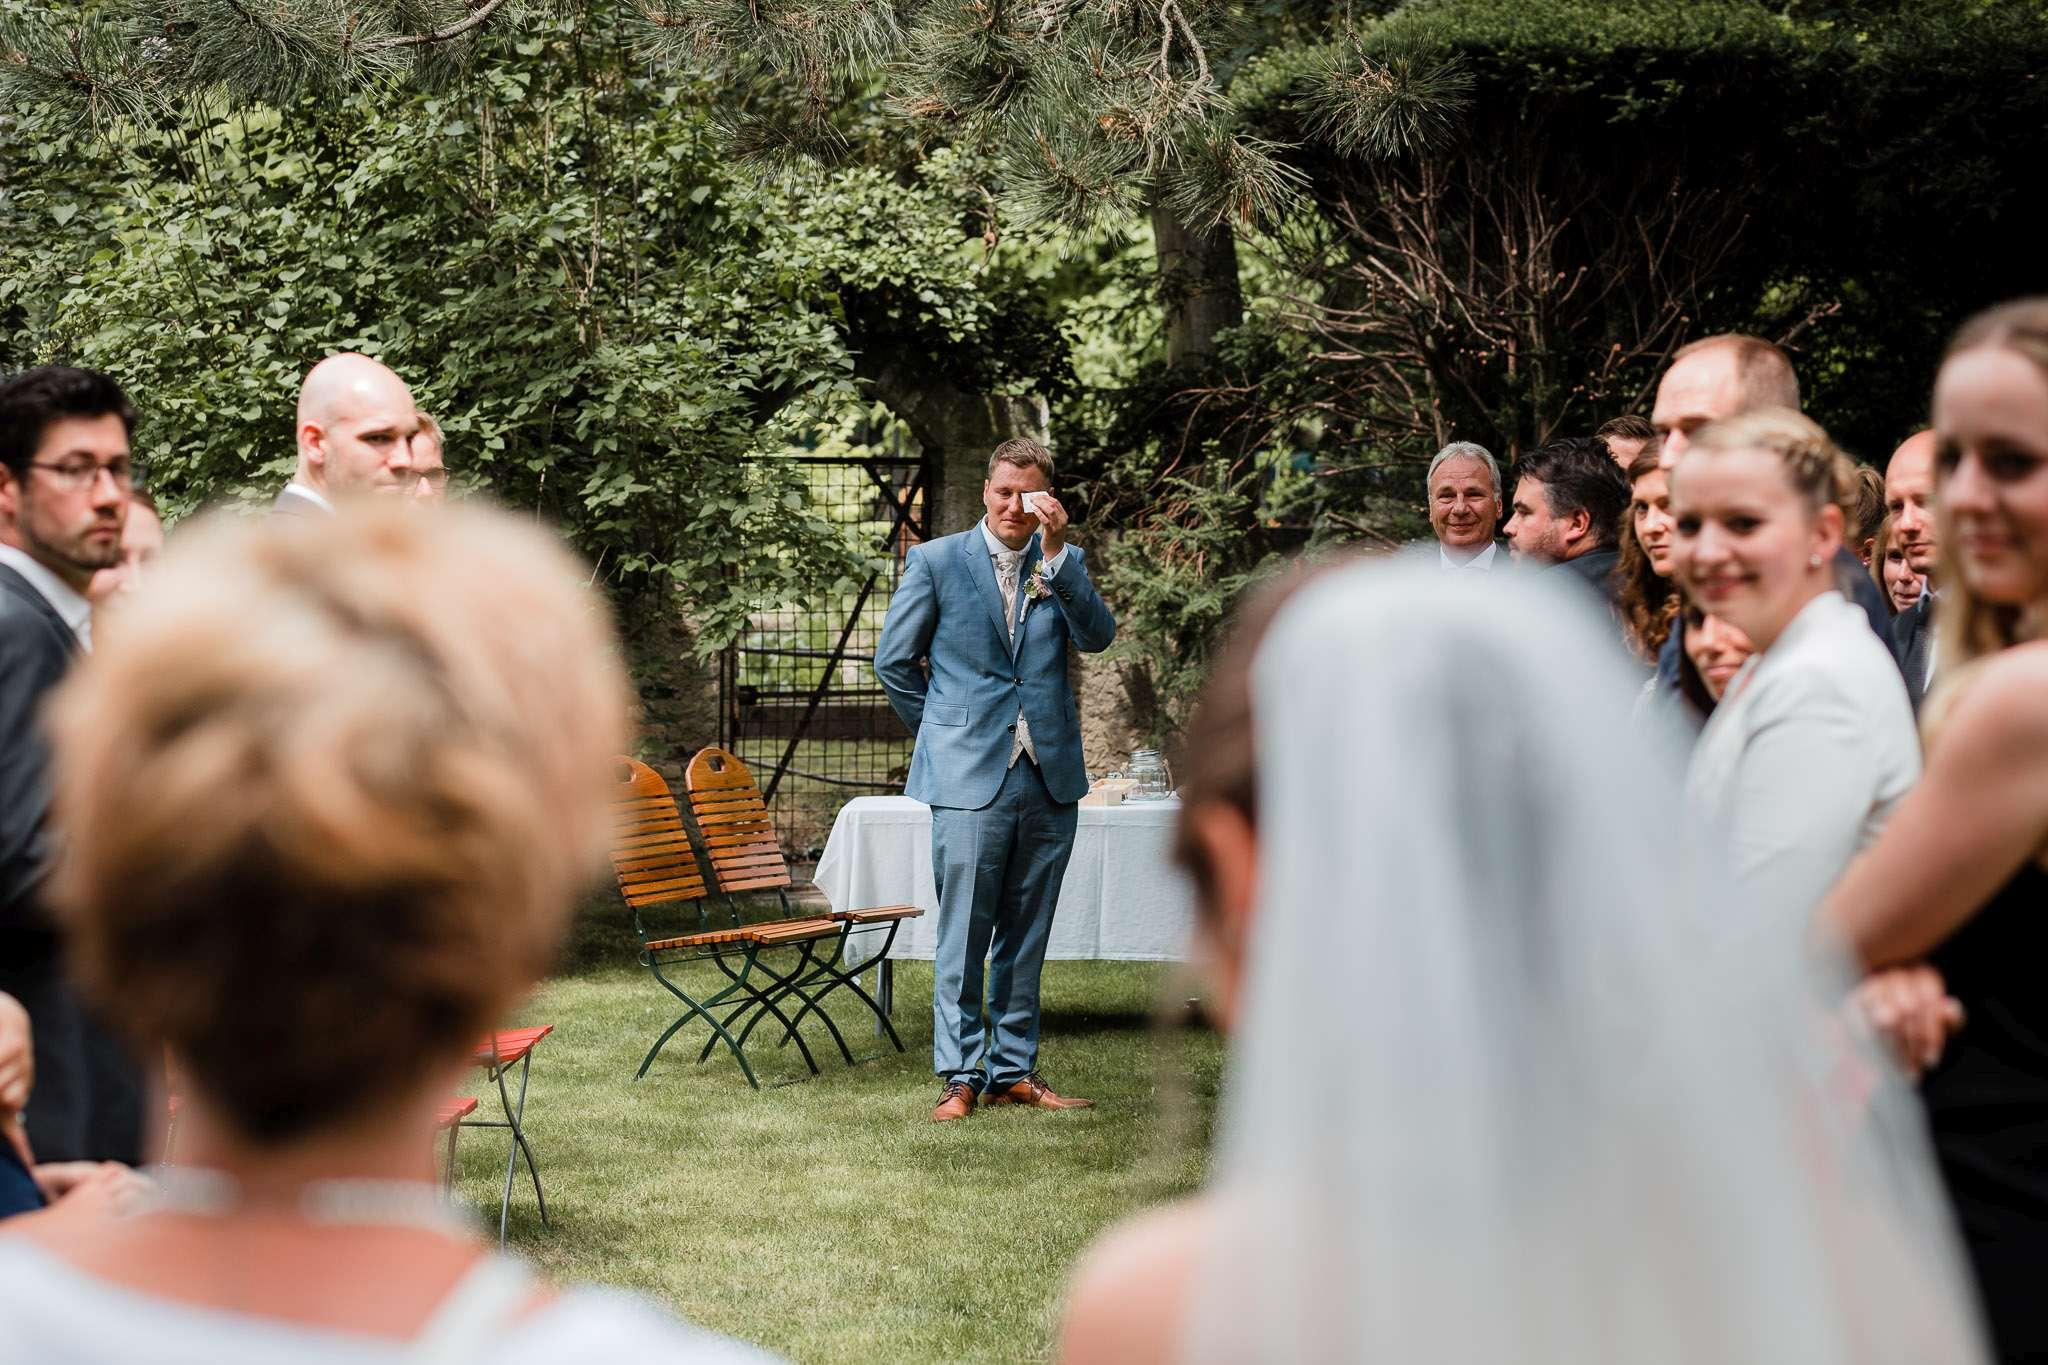 Hochzeitsreportage Undenheim: Einzug der Braut - Ein Moment, den wir besonders lieben: Wenn der Bräutigam vor Rührung weint, wenn er das erste mal die Braut sieht.